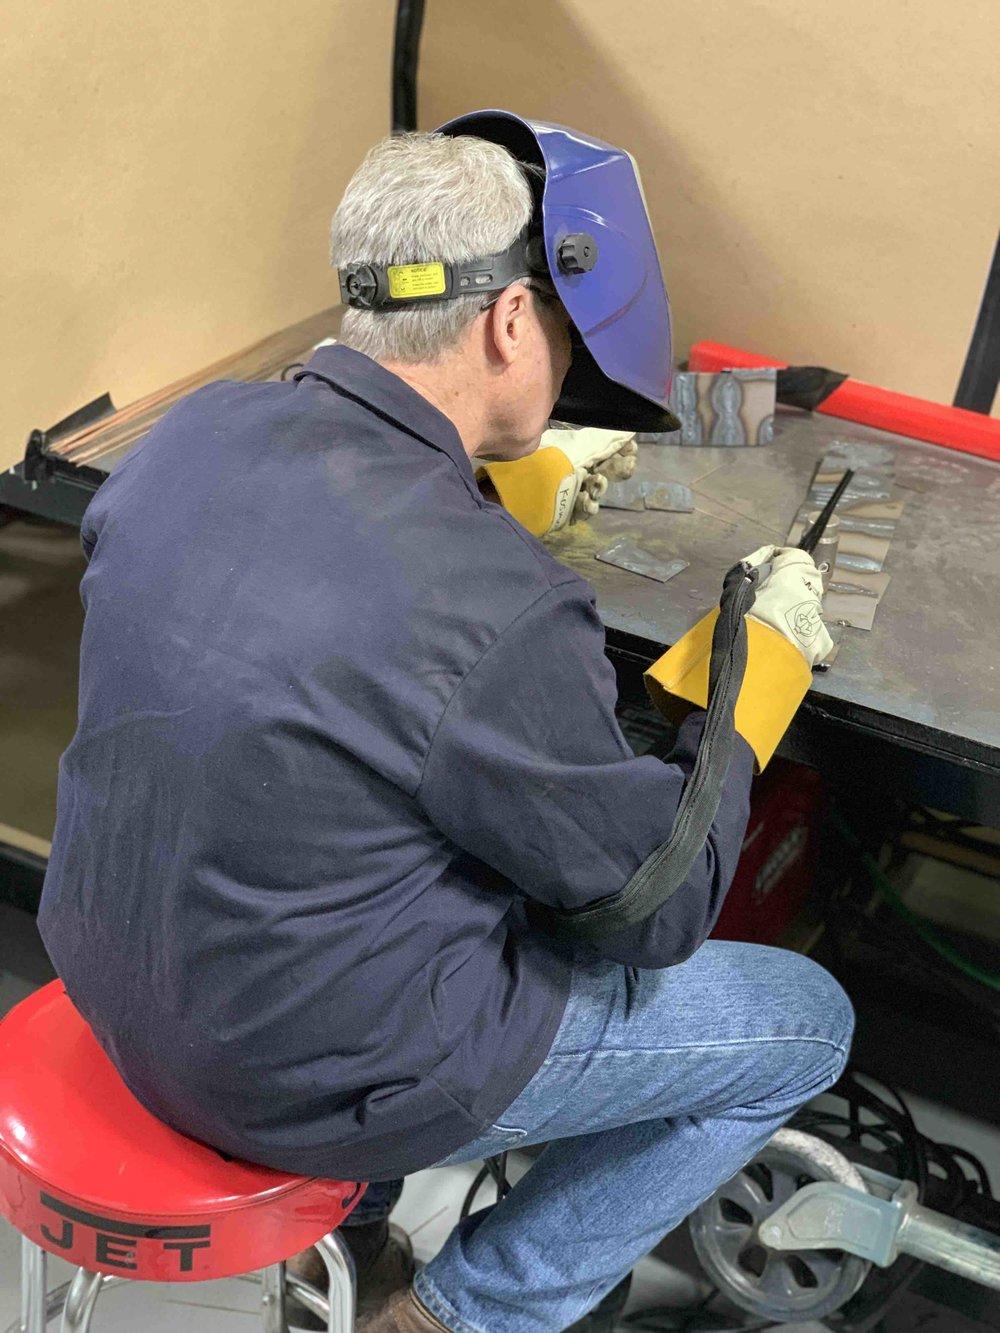 Fuller-Moto-Welding-Workshop-Jan2019-13.jpg